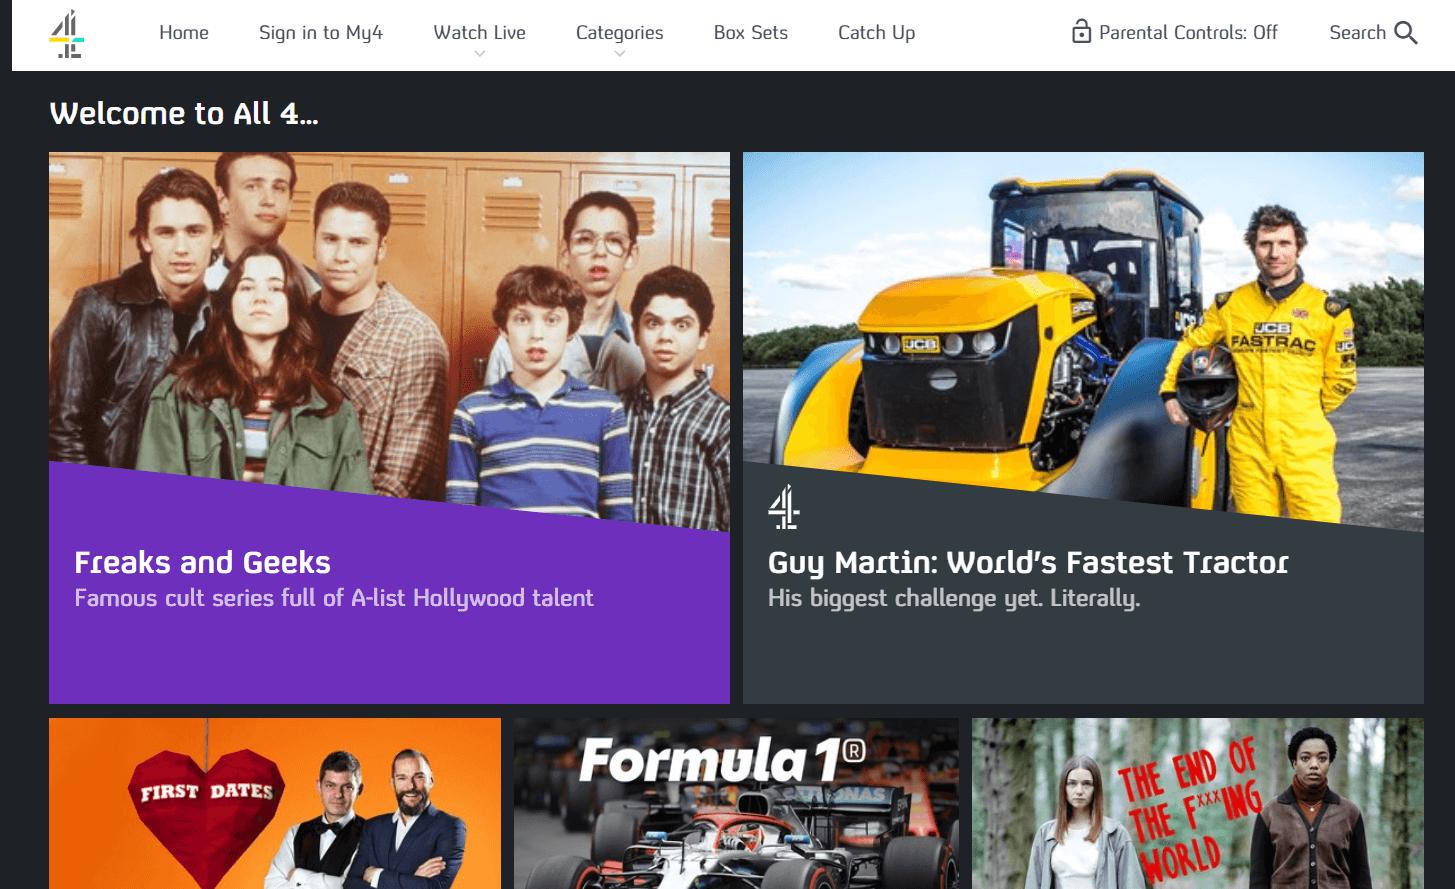 Channel 4 UK